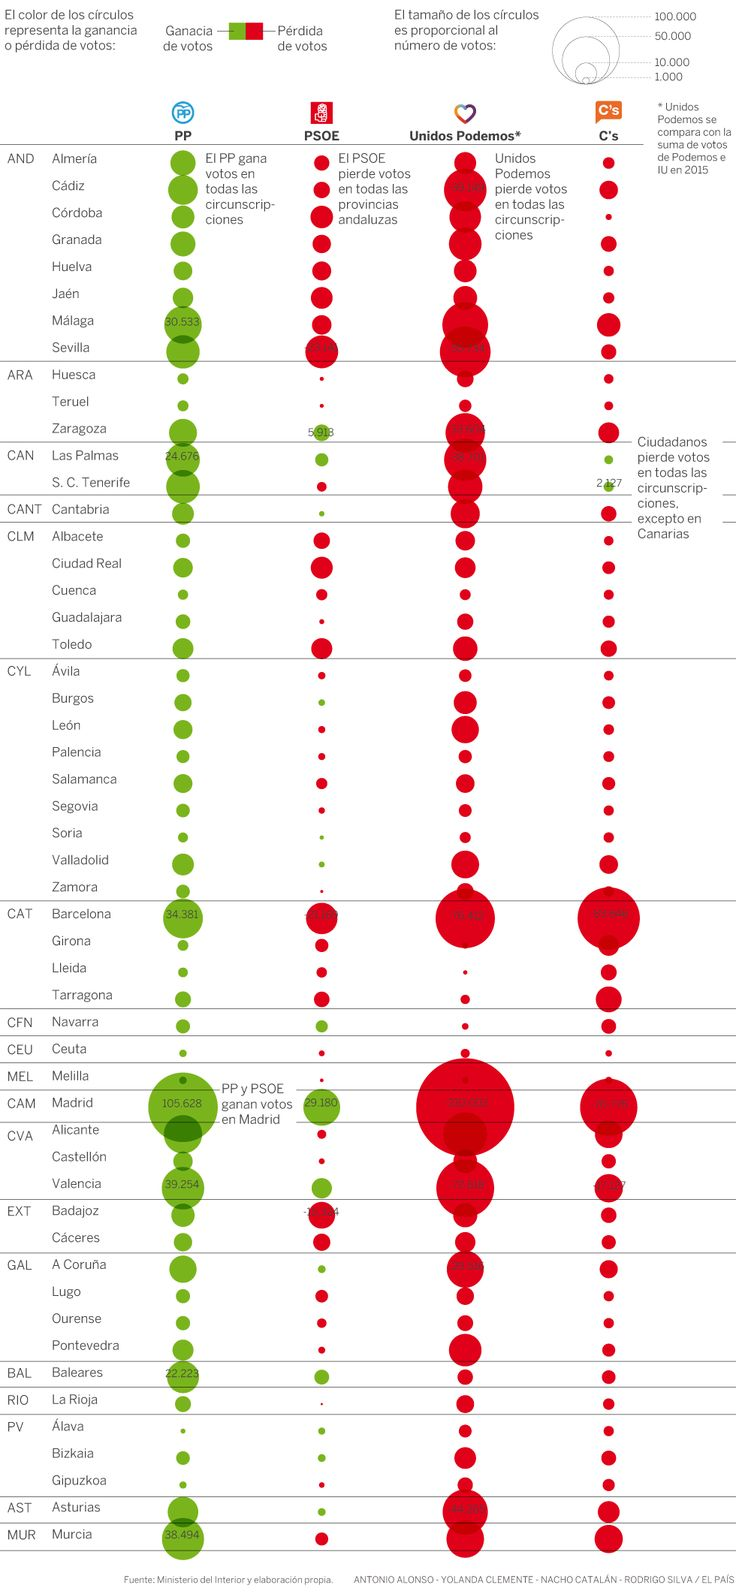 Resultados Elecciones 2016: ¿Dónde han ganado o perdido votantes los partidos? | Actualidad | EL PAÍS